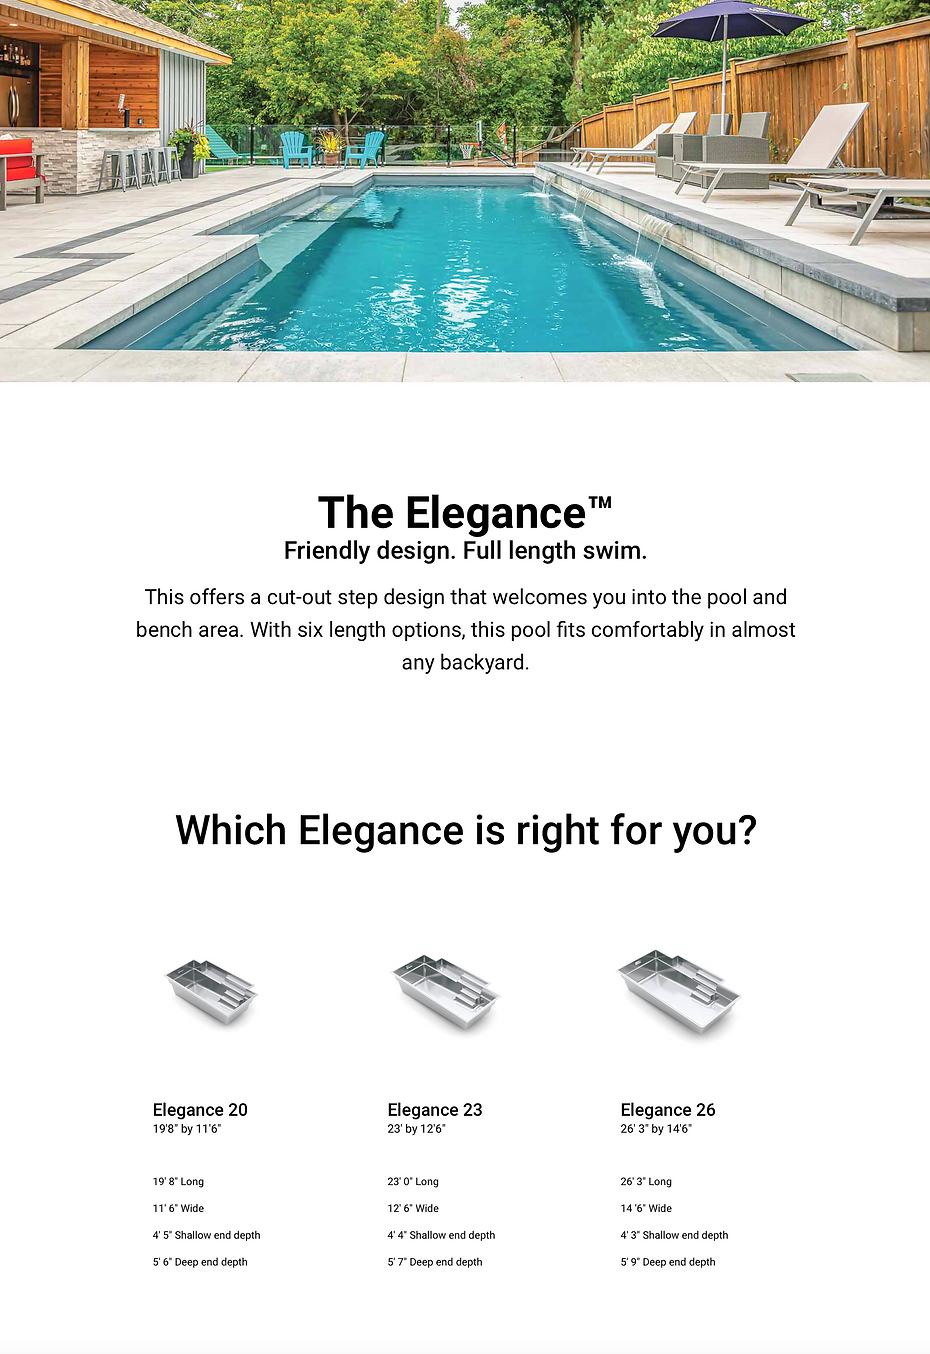 The Elegance Design.png